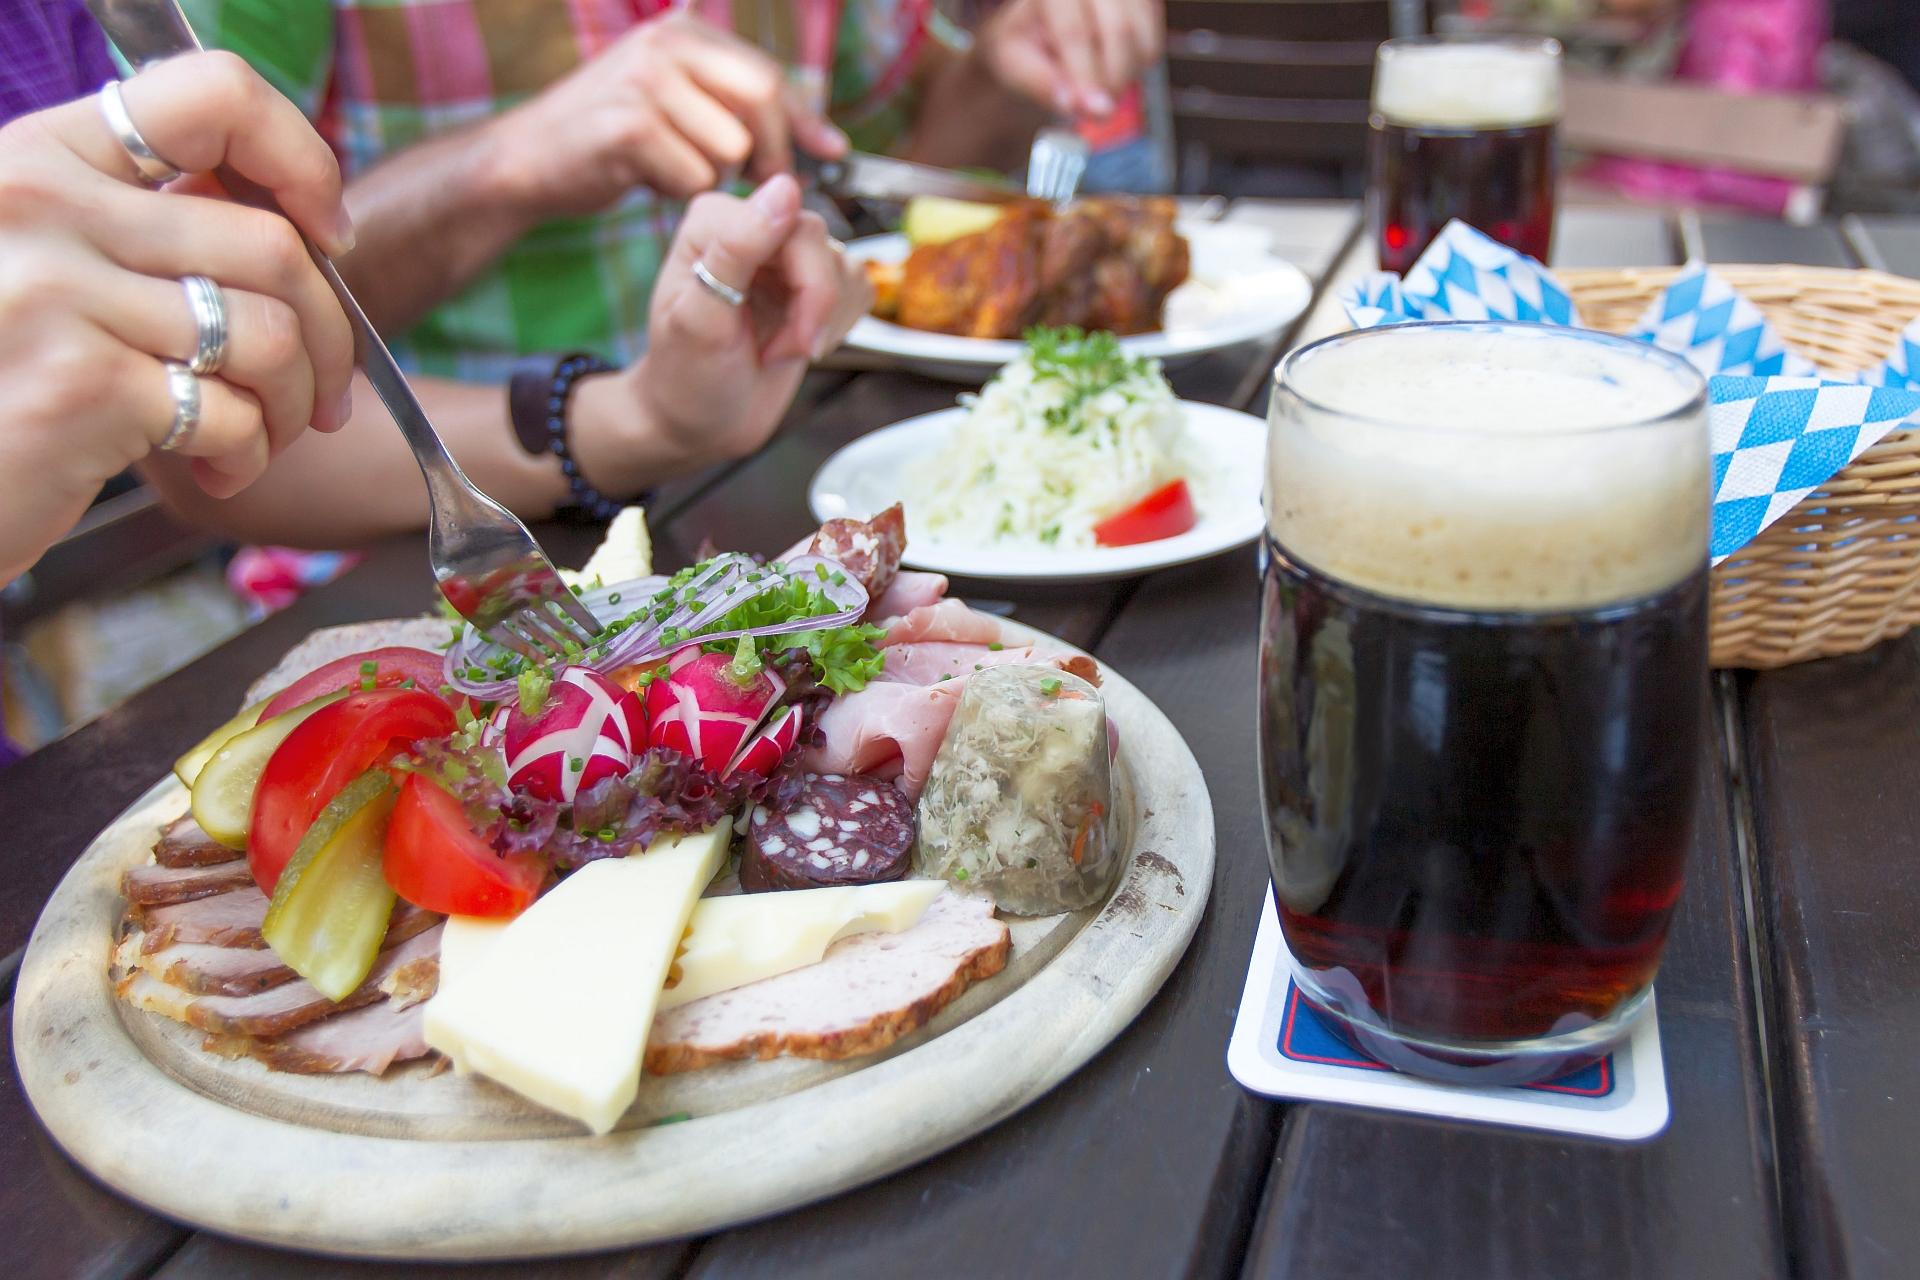 Brotzeitpause im Biergarten der Klosterschenke Weltenburg